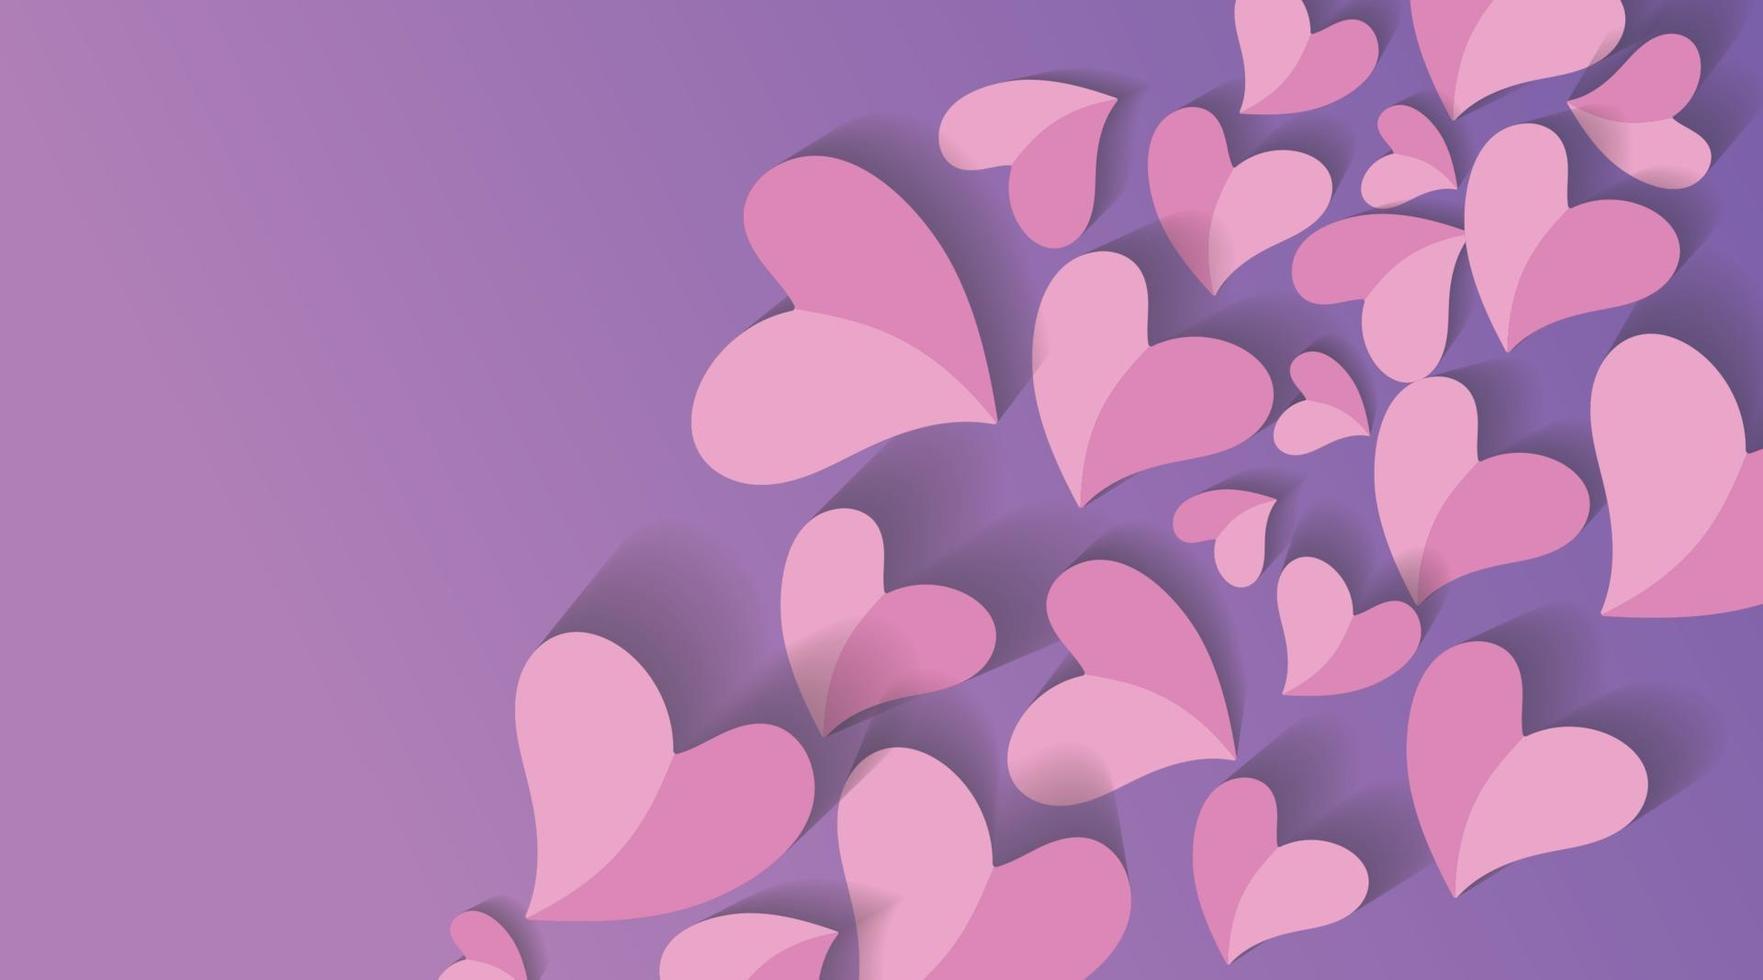 design de papel de arte de coração para plano de fundo dia dos namorados. ilustração de desenho vetorial vetor